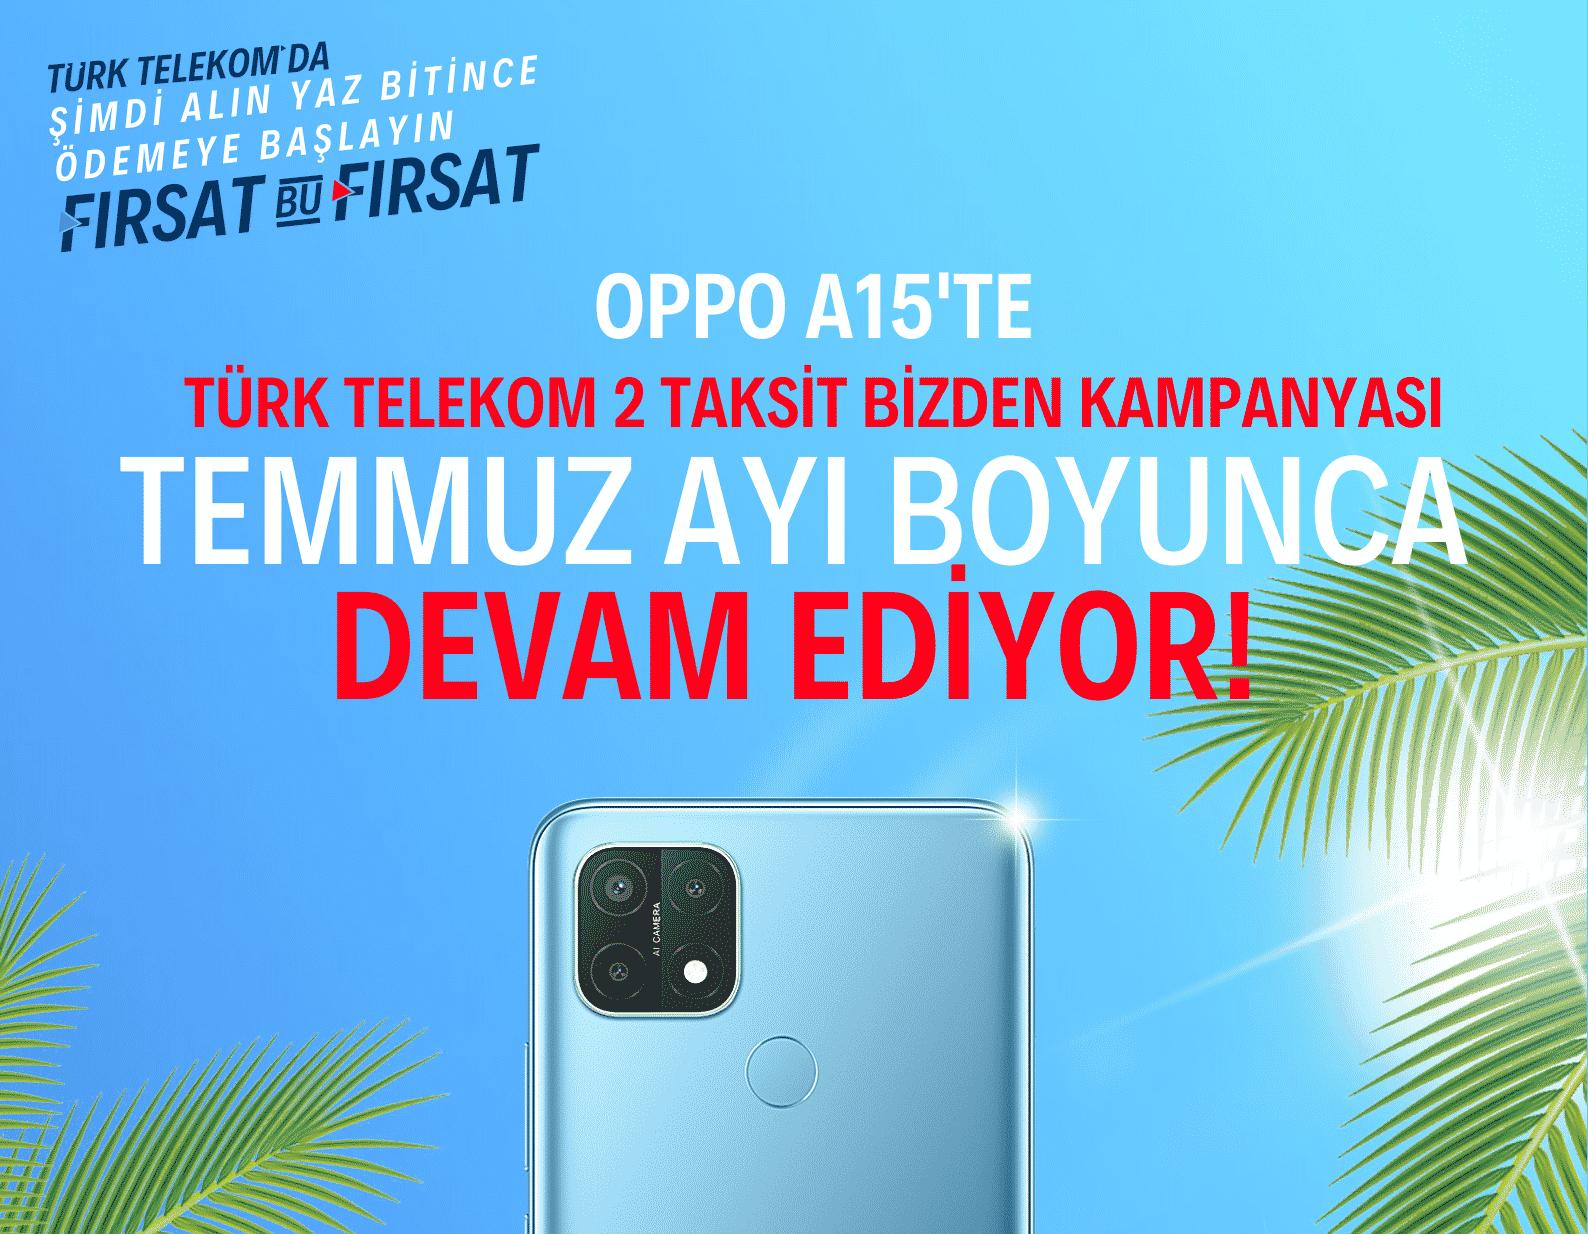 türk telekom oppo a15 kampanyası